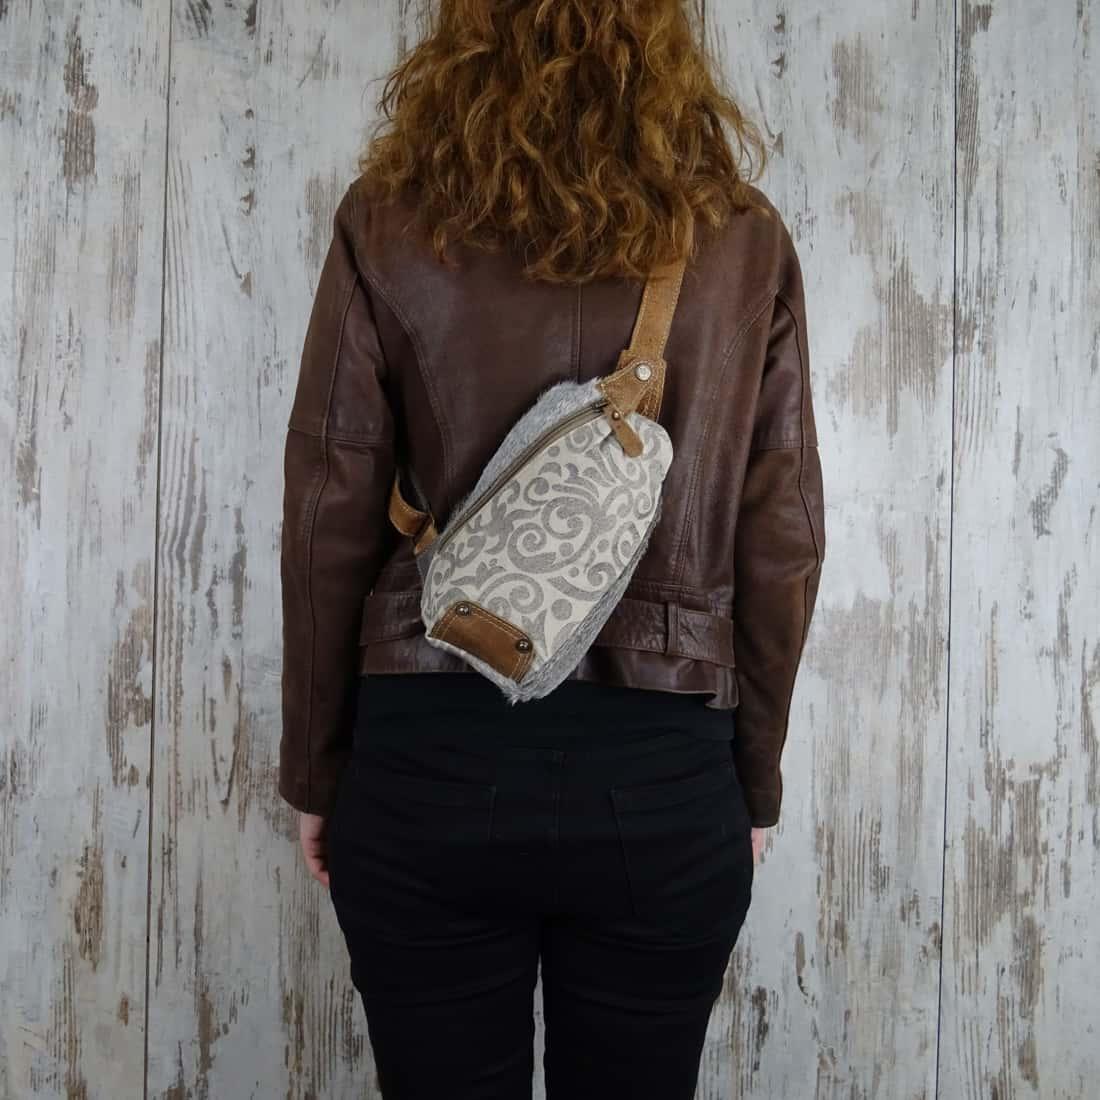 Canvas Crossbody tas met Koeienhuid en Leer Quirine gedragen door vrouw2